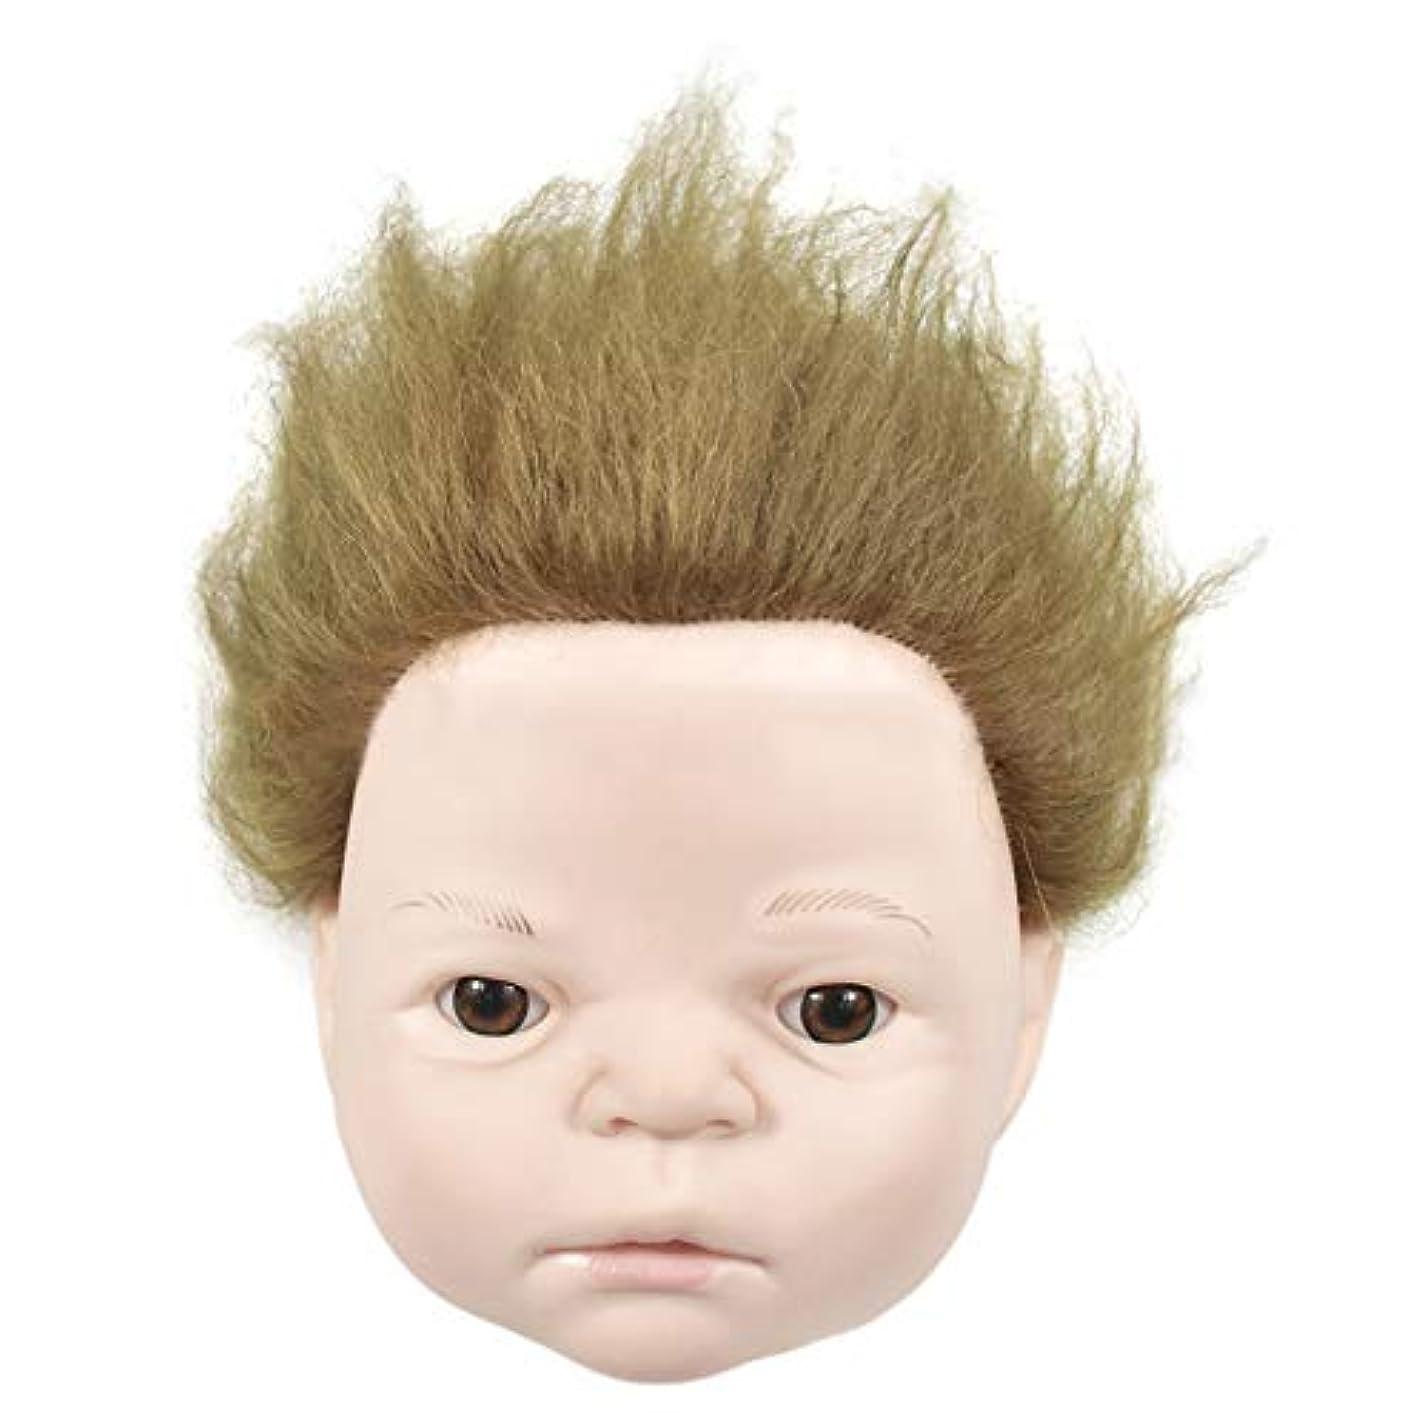 ボア発見するであること練習理髪散髪ヘッドモデルリアルヘアドールヘッド形状教育ヘッドサロン教育学習マネキンヘッド